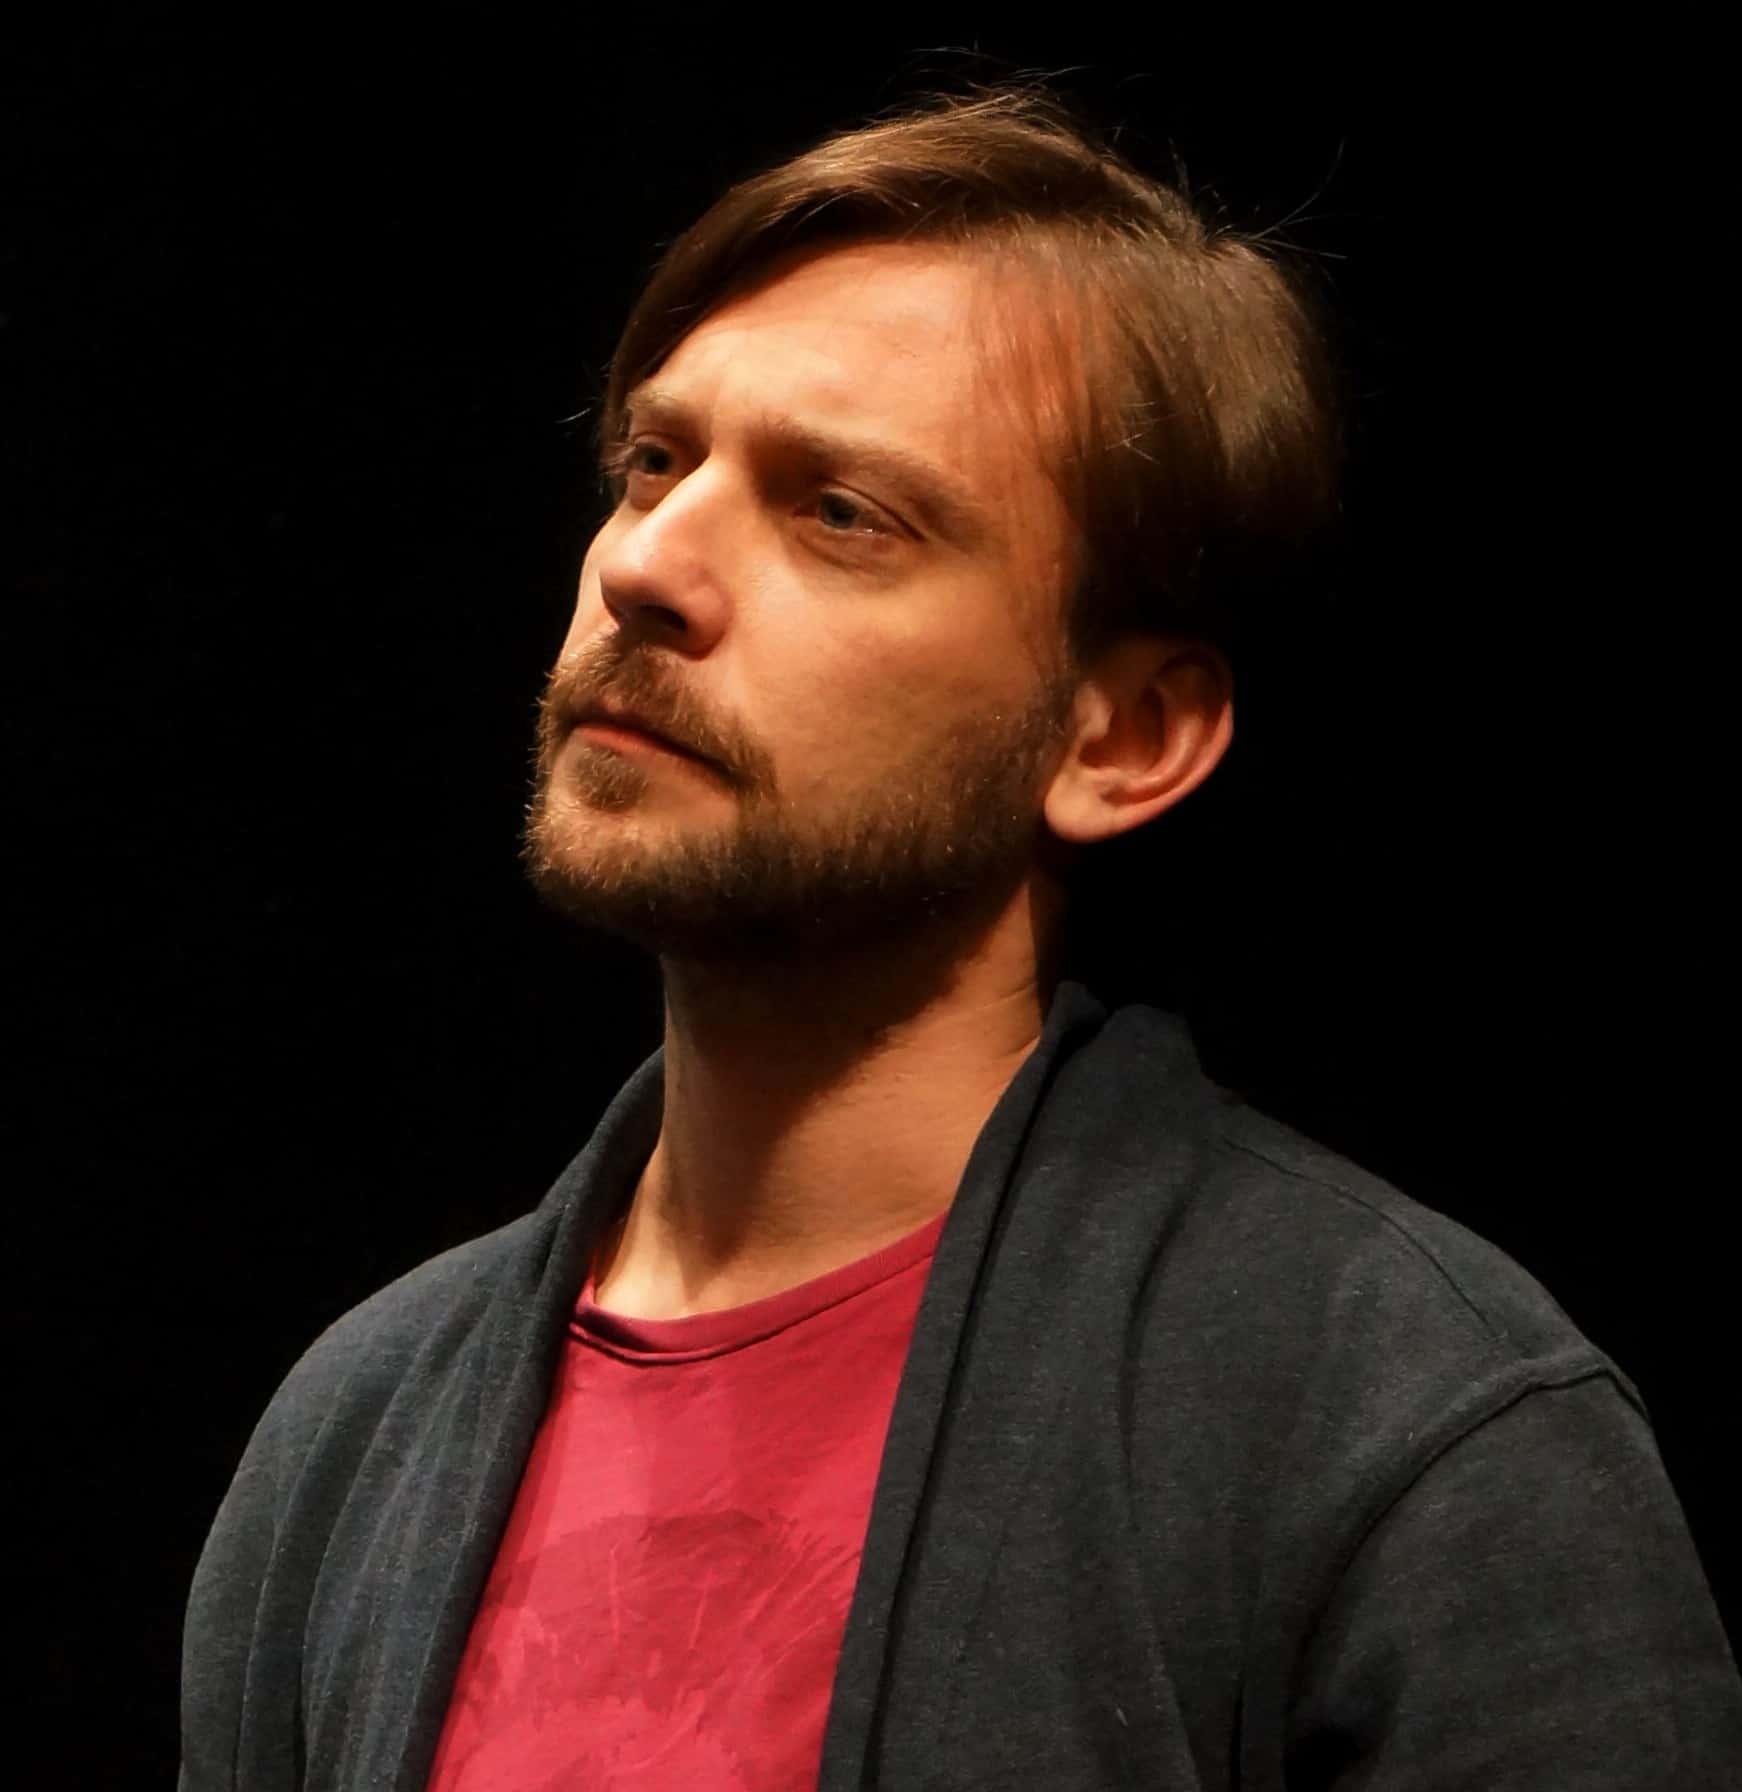 Михаил Дурненков: «Чехов на голом месте не рождается»